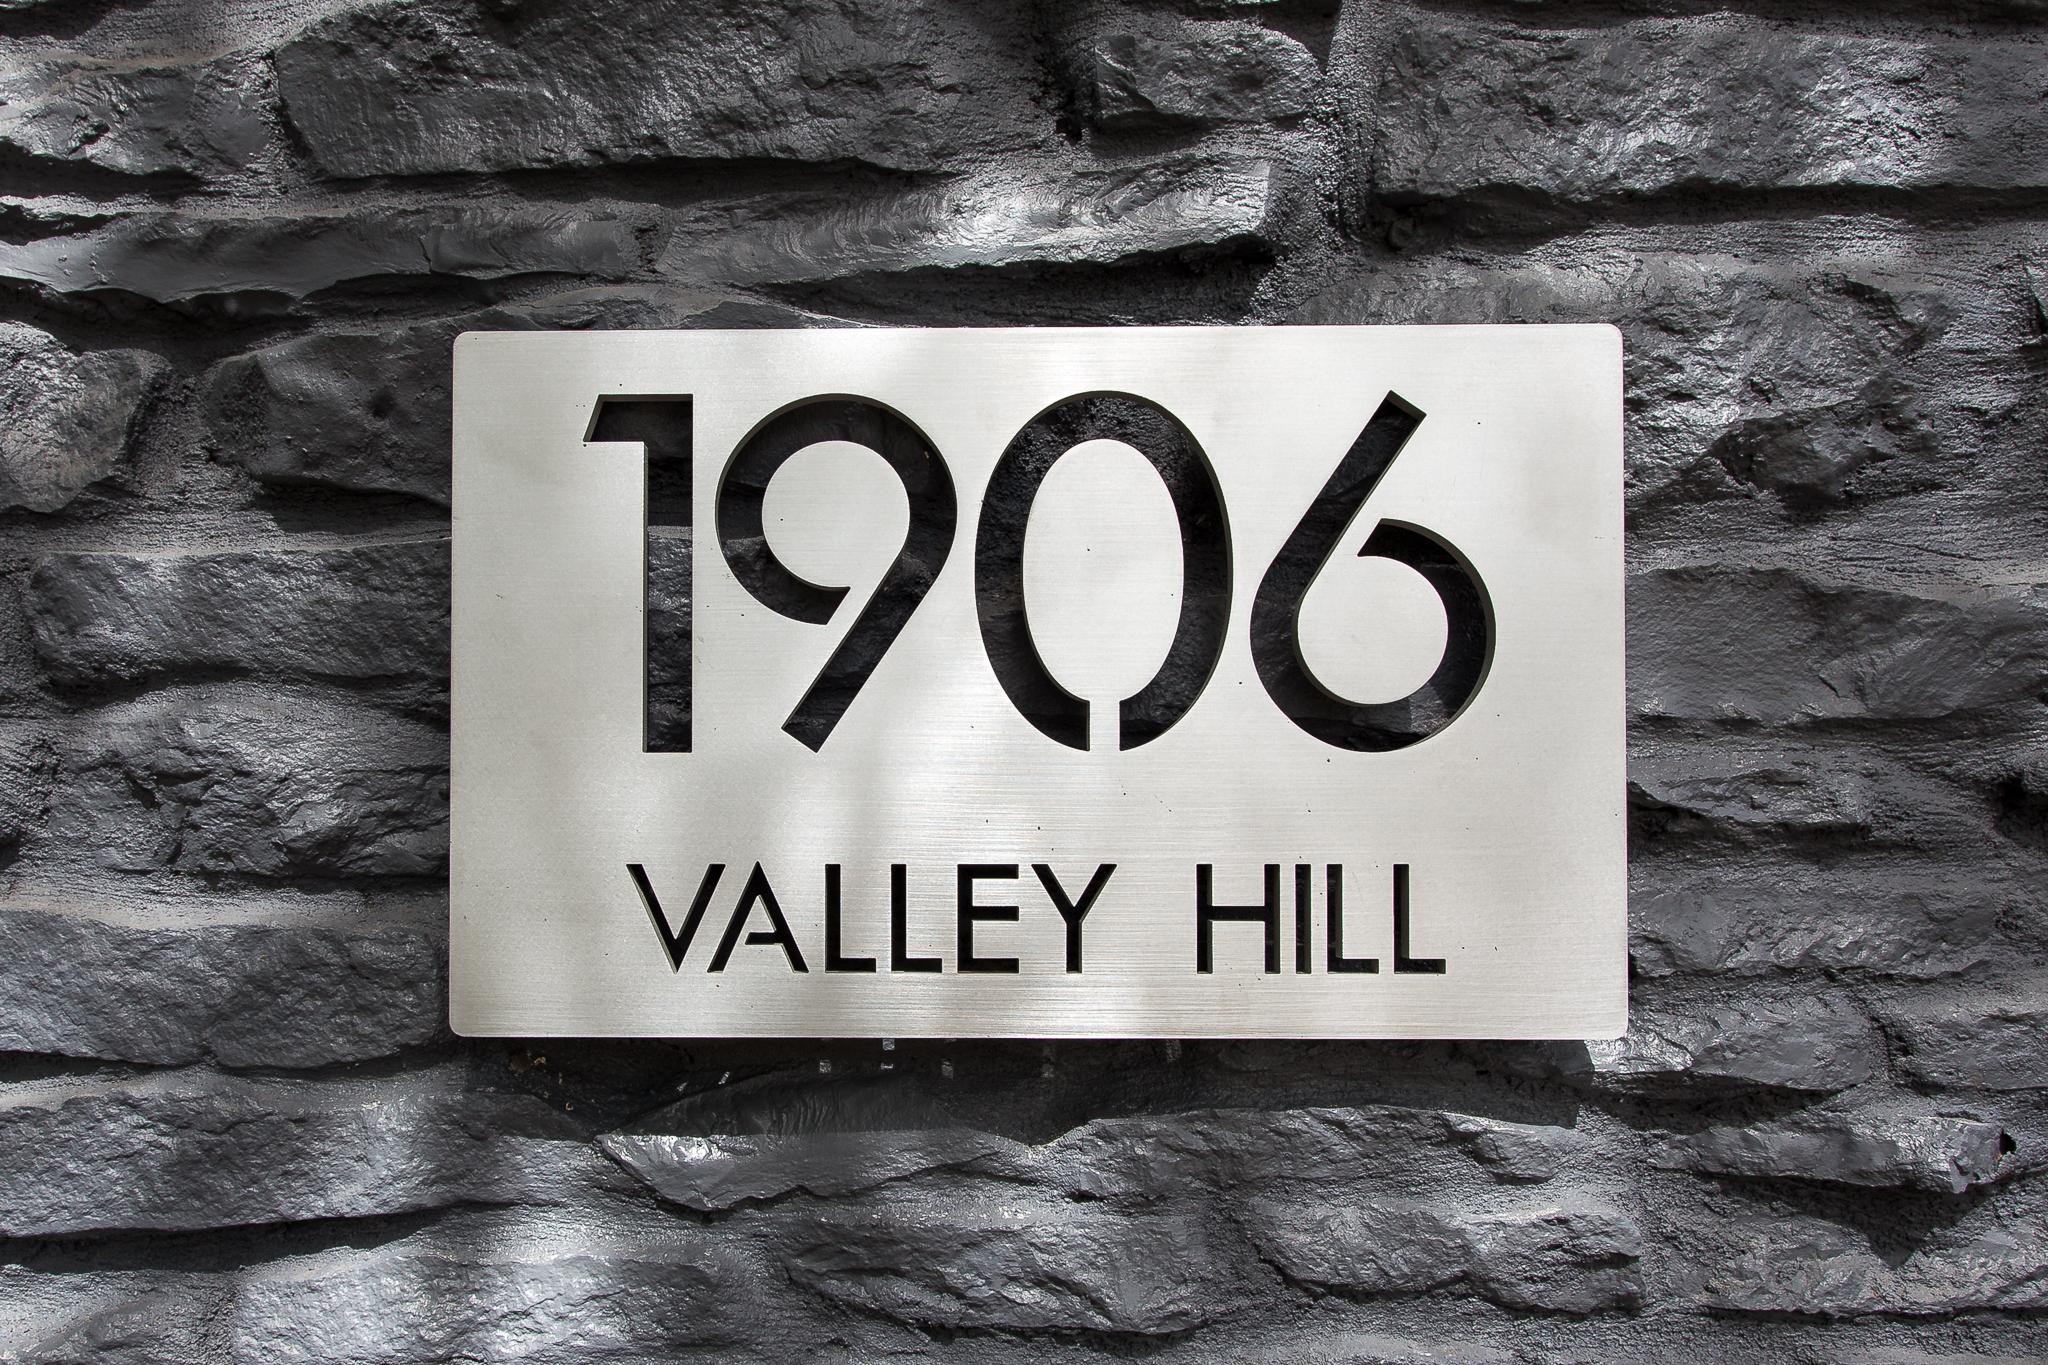 01_MLS_1906 Valley Hill.jpg